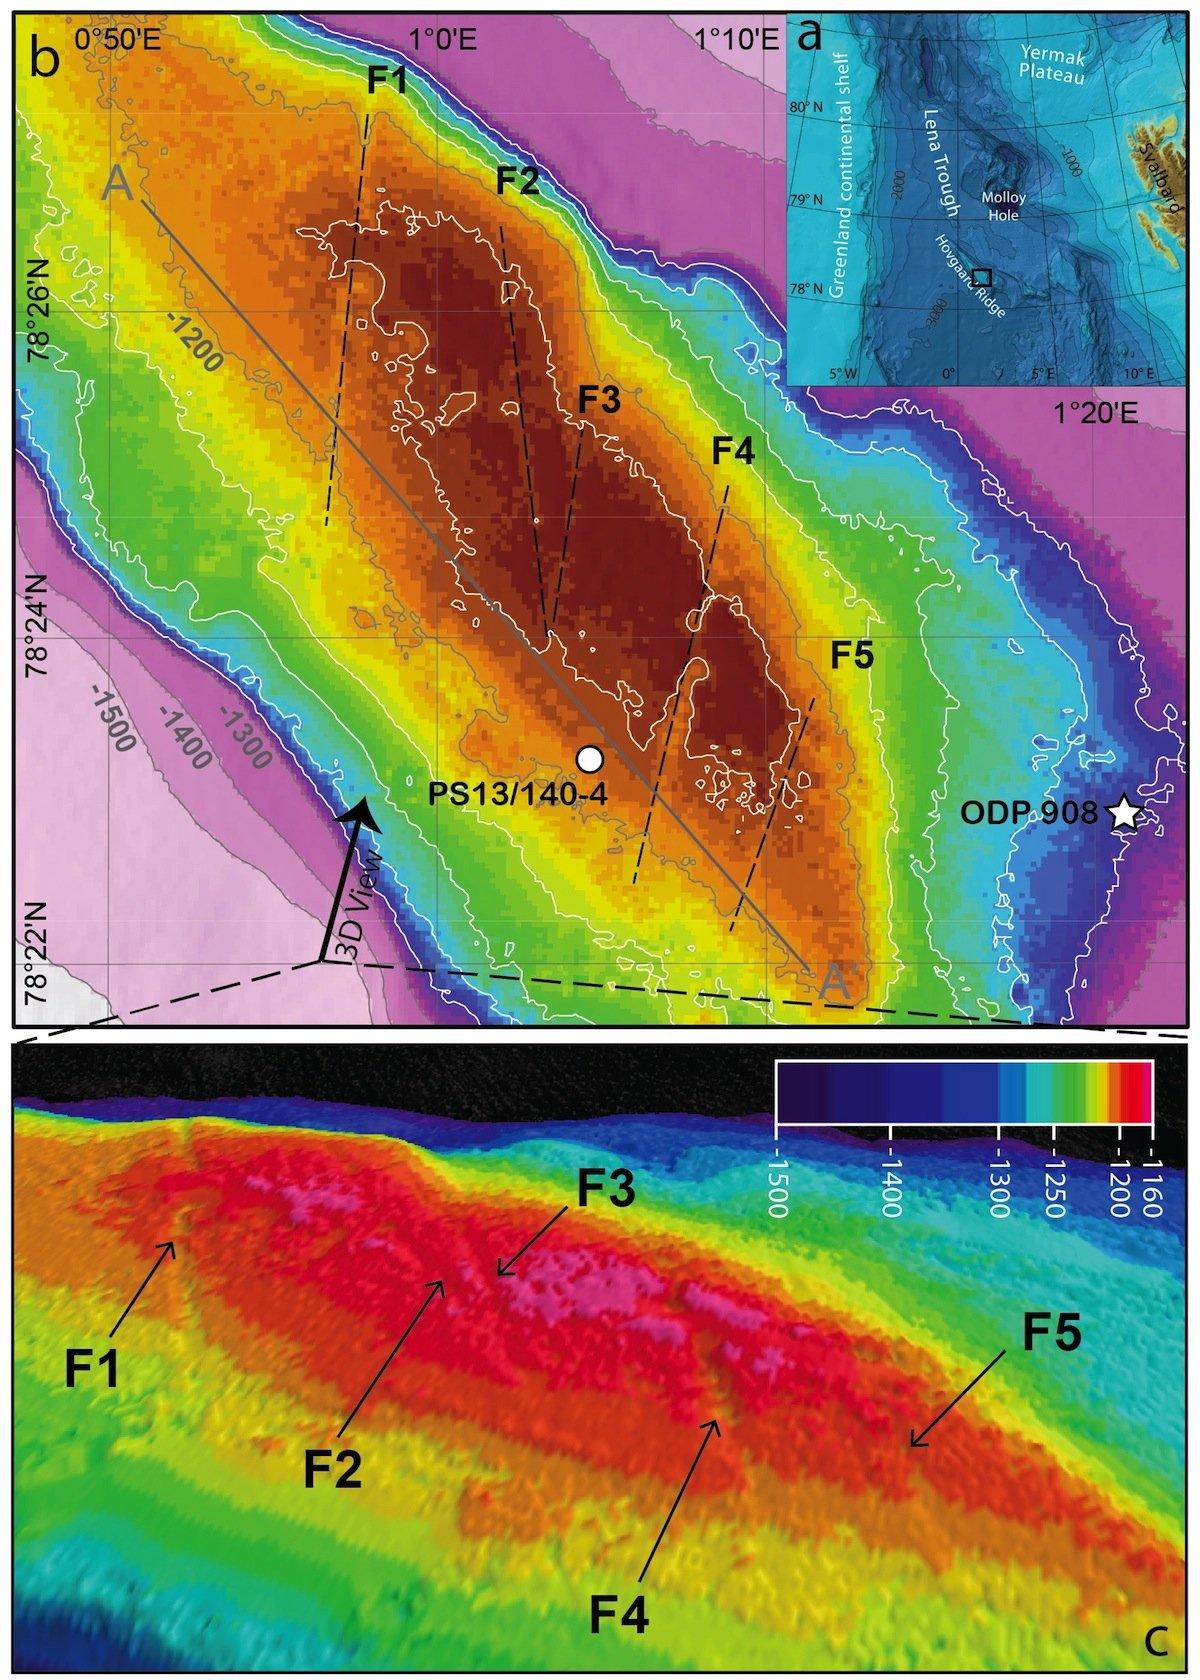 Bathymetrische Darstellung der Kratzspuren auf dem Hovgaard Rücken:Diese Karten geben einen Überblick, wo die fünf Eisbergkratzer gefunden worden. Abbildung (a) zeigt eine bathymetrische Karte der Framstraße, basierend auf der International Bathymetric Chart of the Arctic Ocean (IBCAO) 3.0 [Jakobsson et al., 2012]. Abbildung (b) ist ein Blick auf den Hovgaard Rücken, dargestellt mithilfe der bathymetrischen Daten, die während der Polarstern-Expedition ARK-VII/3a gesammelt wurden. Die Eisbergkratzer werden hier durch die schwarz-gestrichelten Linien angedeutet. Abbildung (c) zeigt den Hovgaard Rücken und die Kratzer in dreidimensionaler Darstellung.